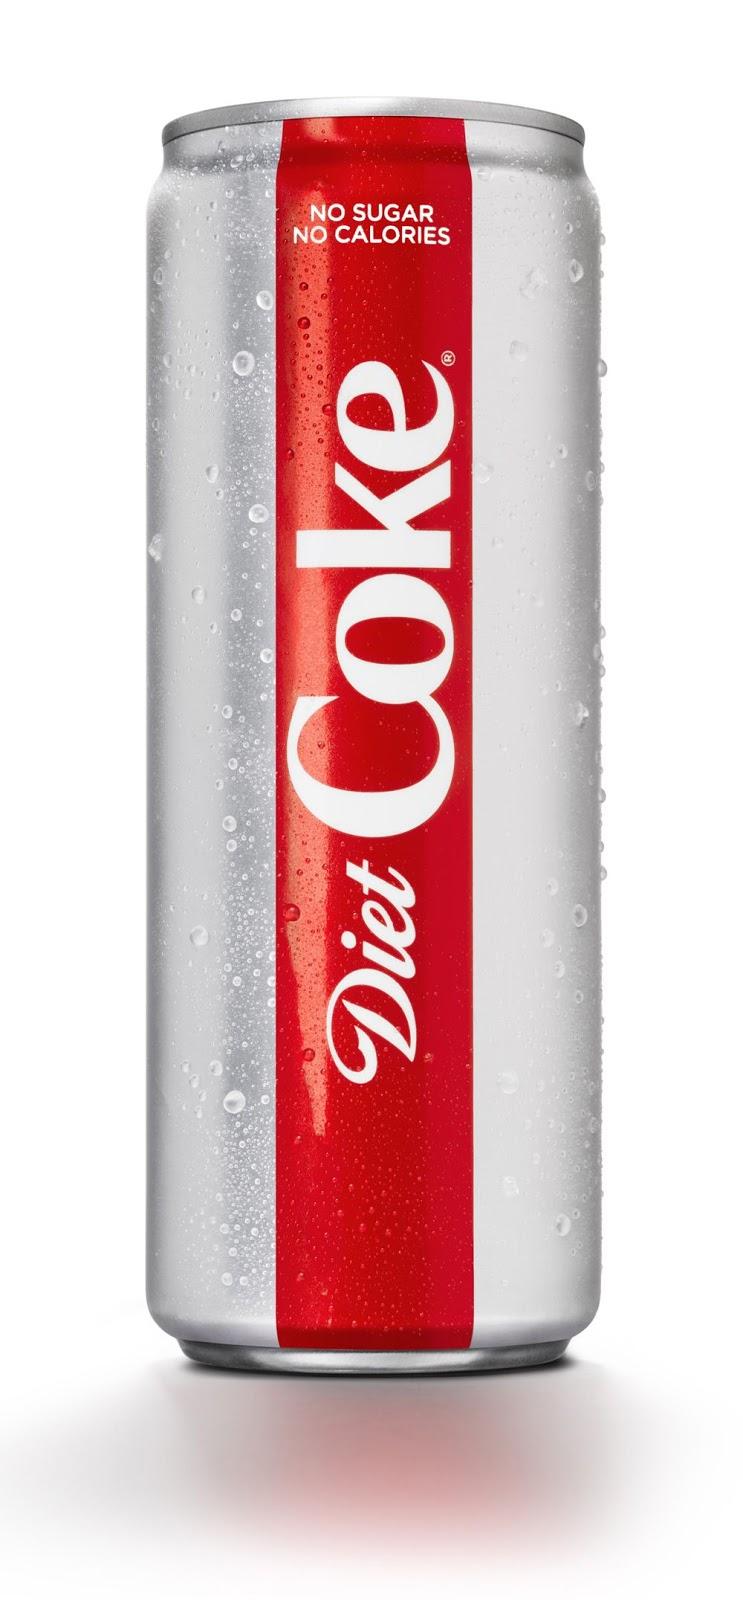 diet-coke-nuevo-packaging-coca-cola-lanza-nuevos-envases-nuevo-logo